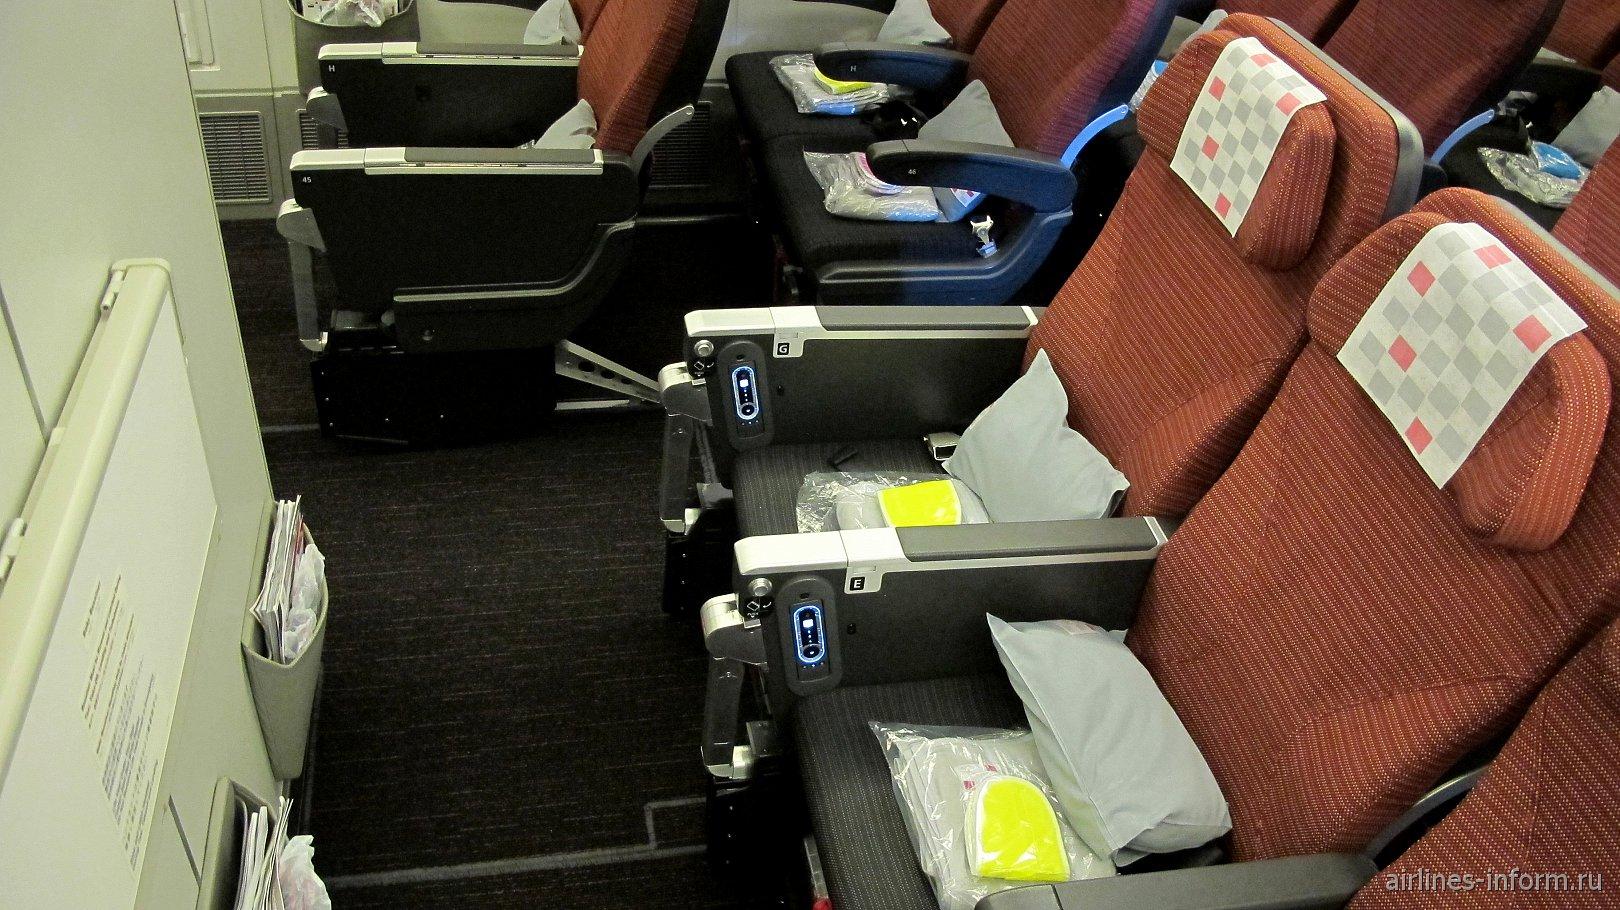 Кресла эконом-класса в Боинге-767-300 Японских авиалиний